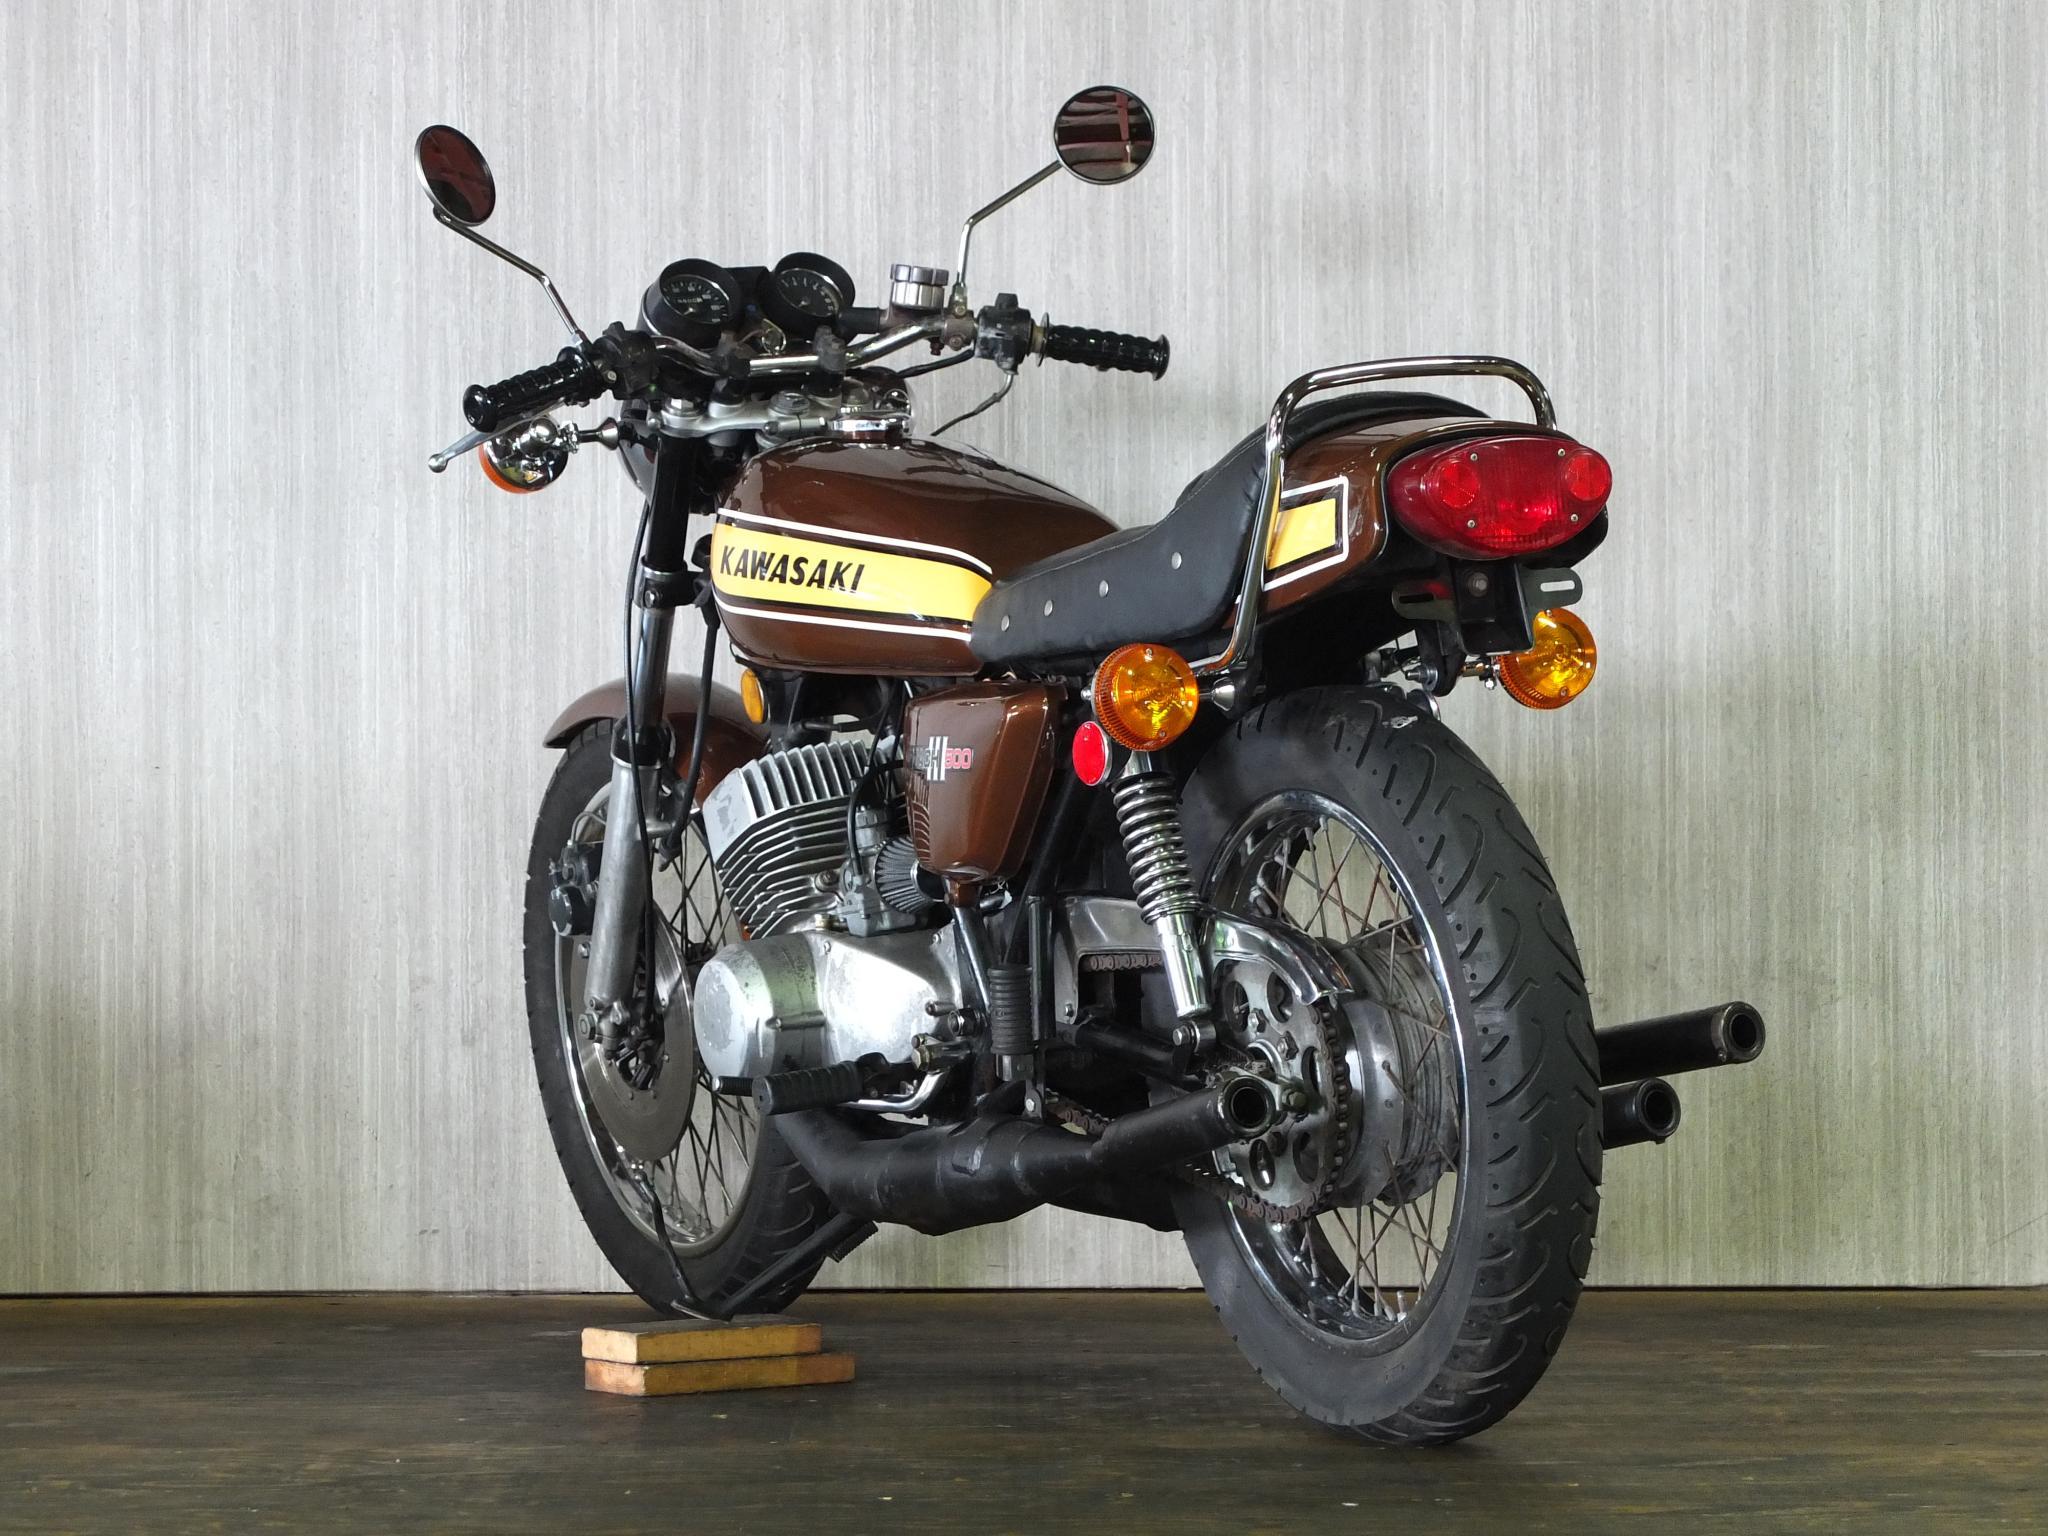 カワサキ 1975 Kawasaki SS500 車体写真6